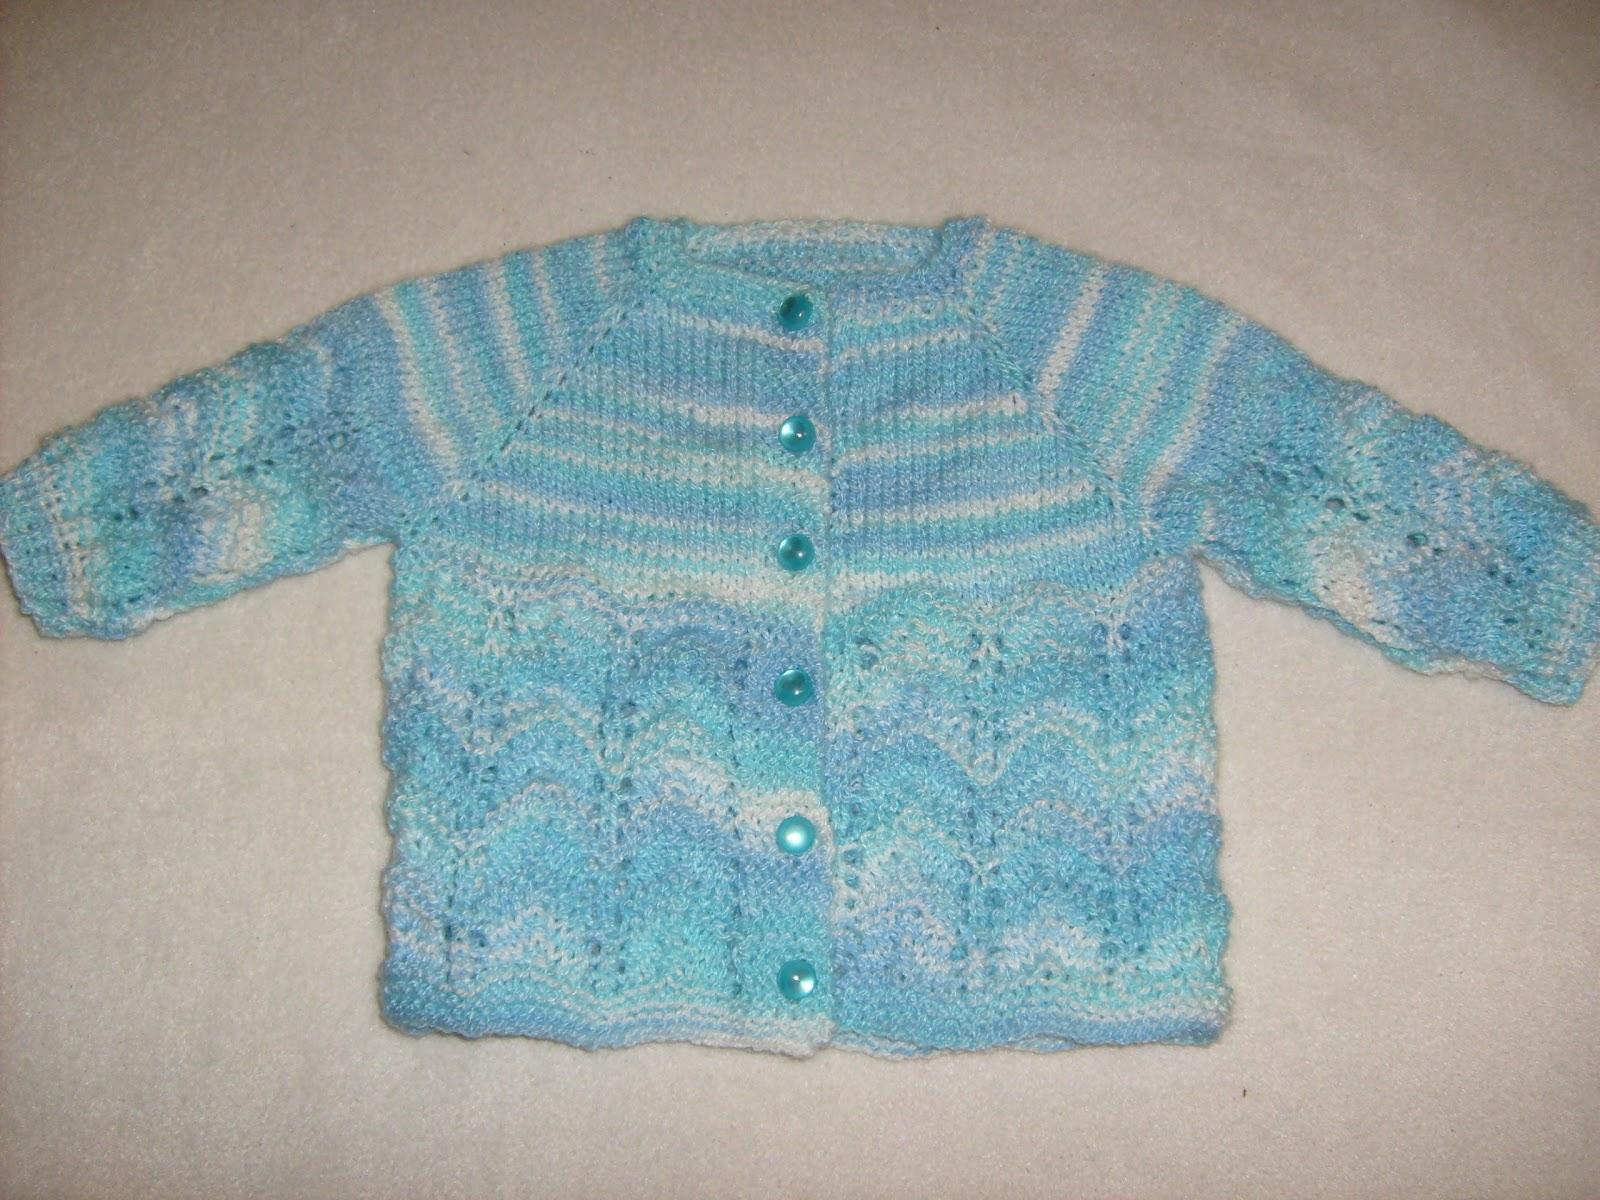 Tejer el arte de crear con tus manos chaleco bebe 0 3 meses - Tejer chaqueta bebe 6 meses ...